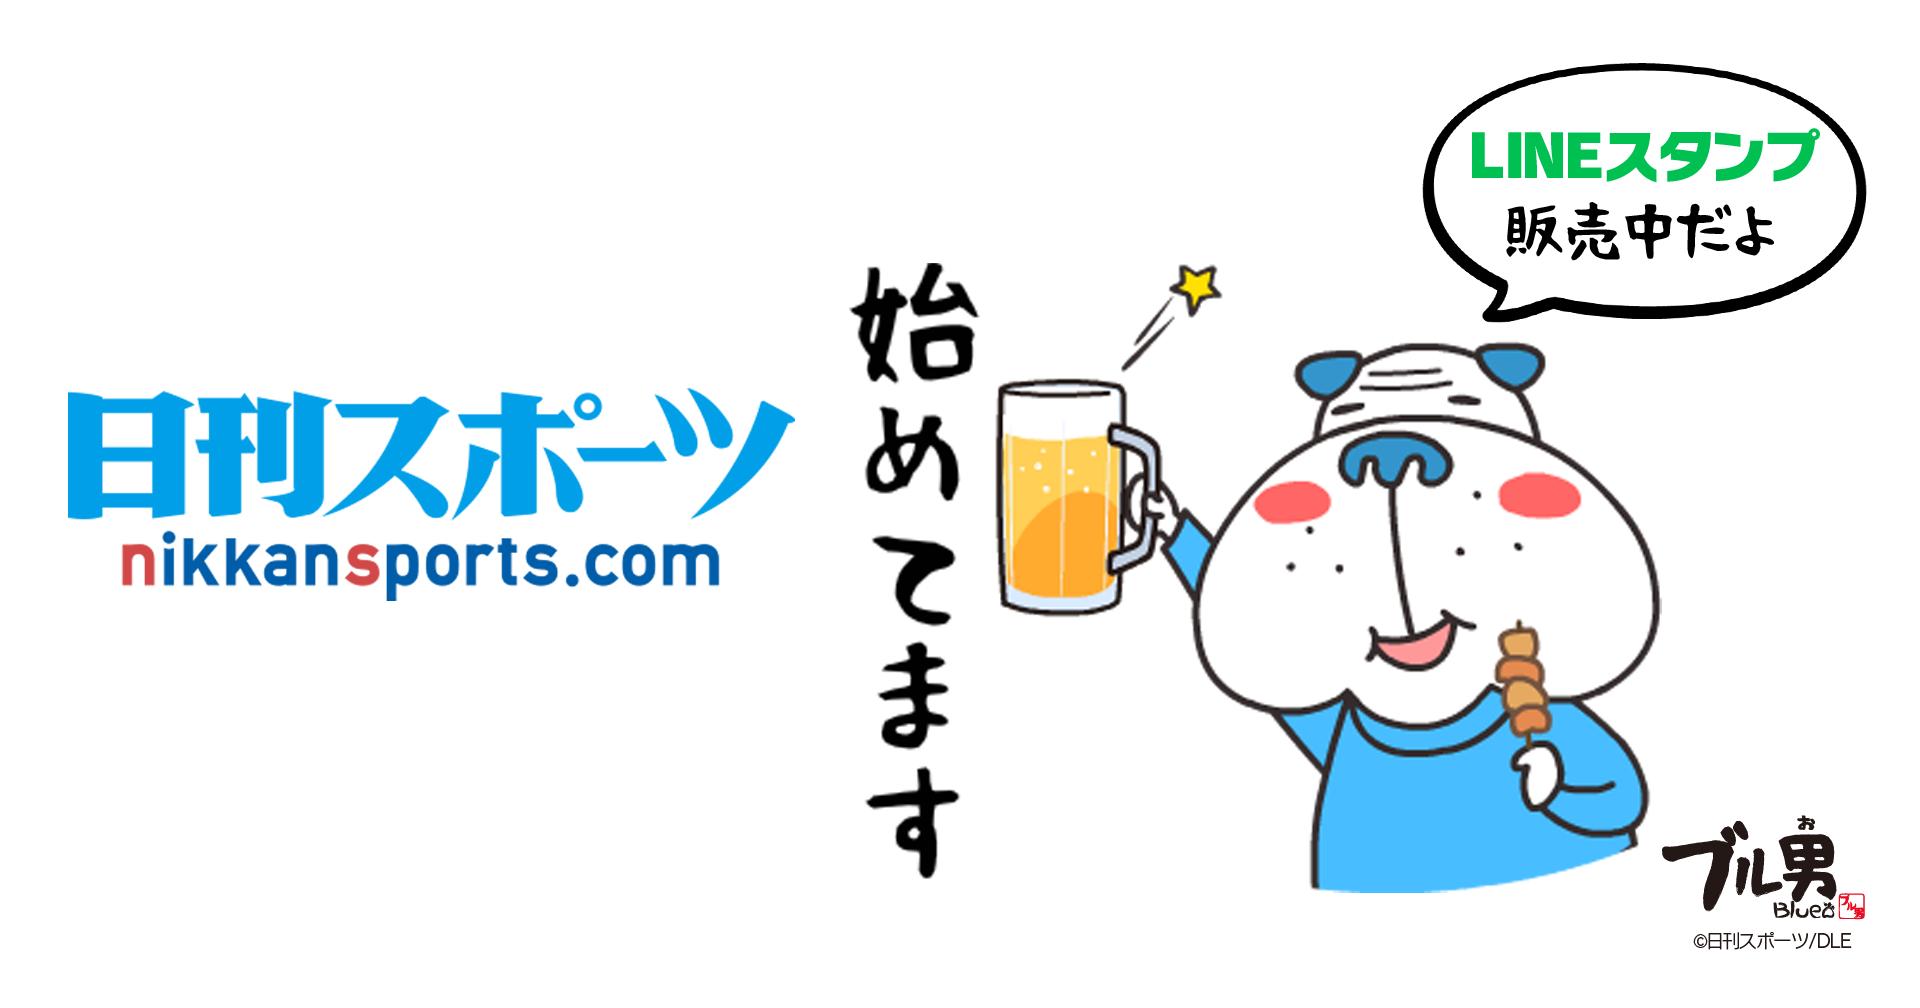 「殉愛」めぐり妻さくらさんが木村奈保子さん訴える - 芸能 : 日刊スポーツ